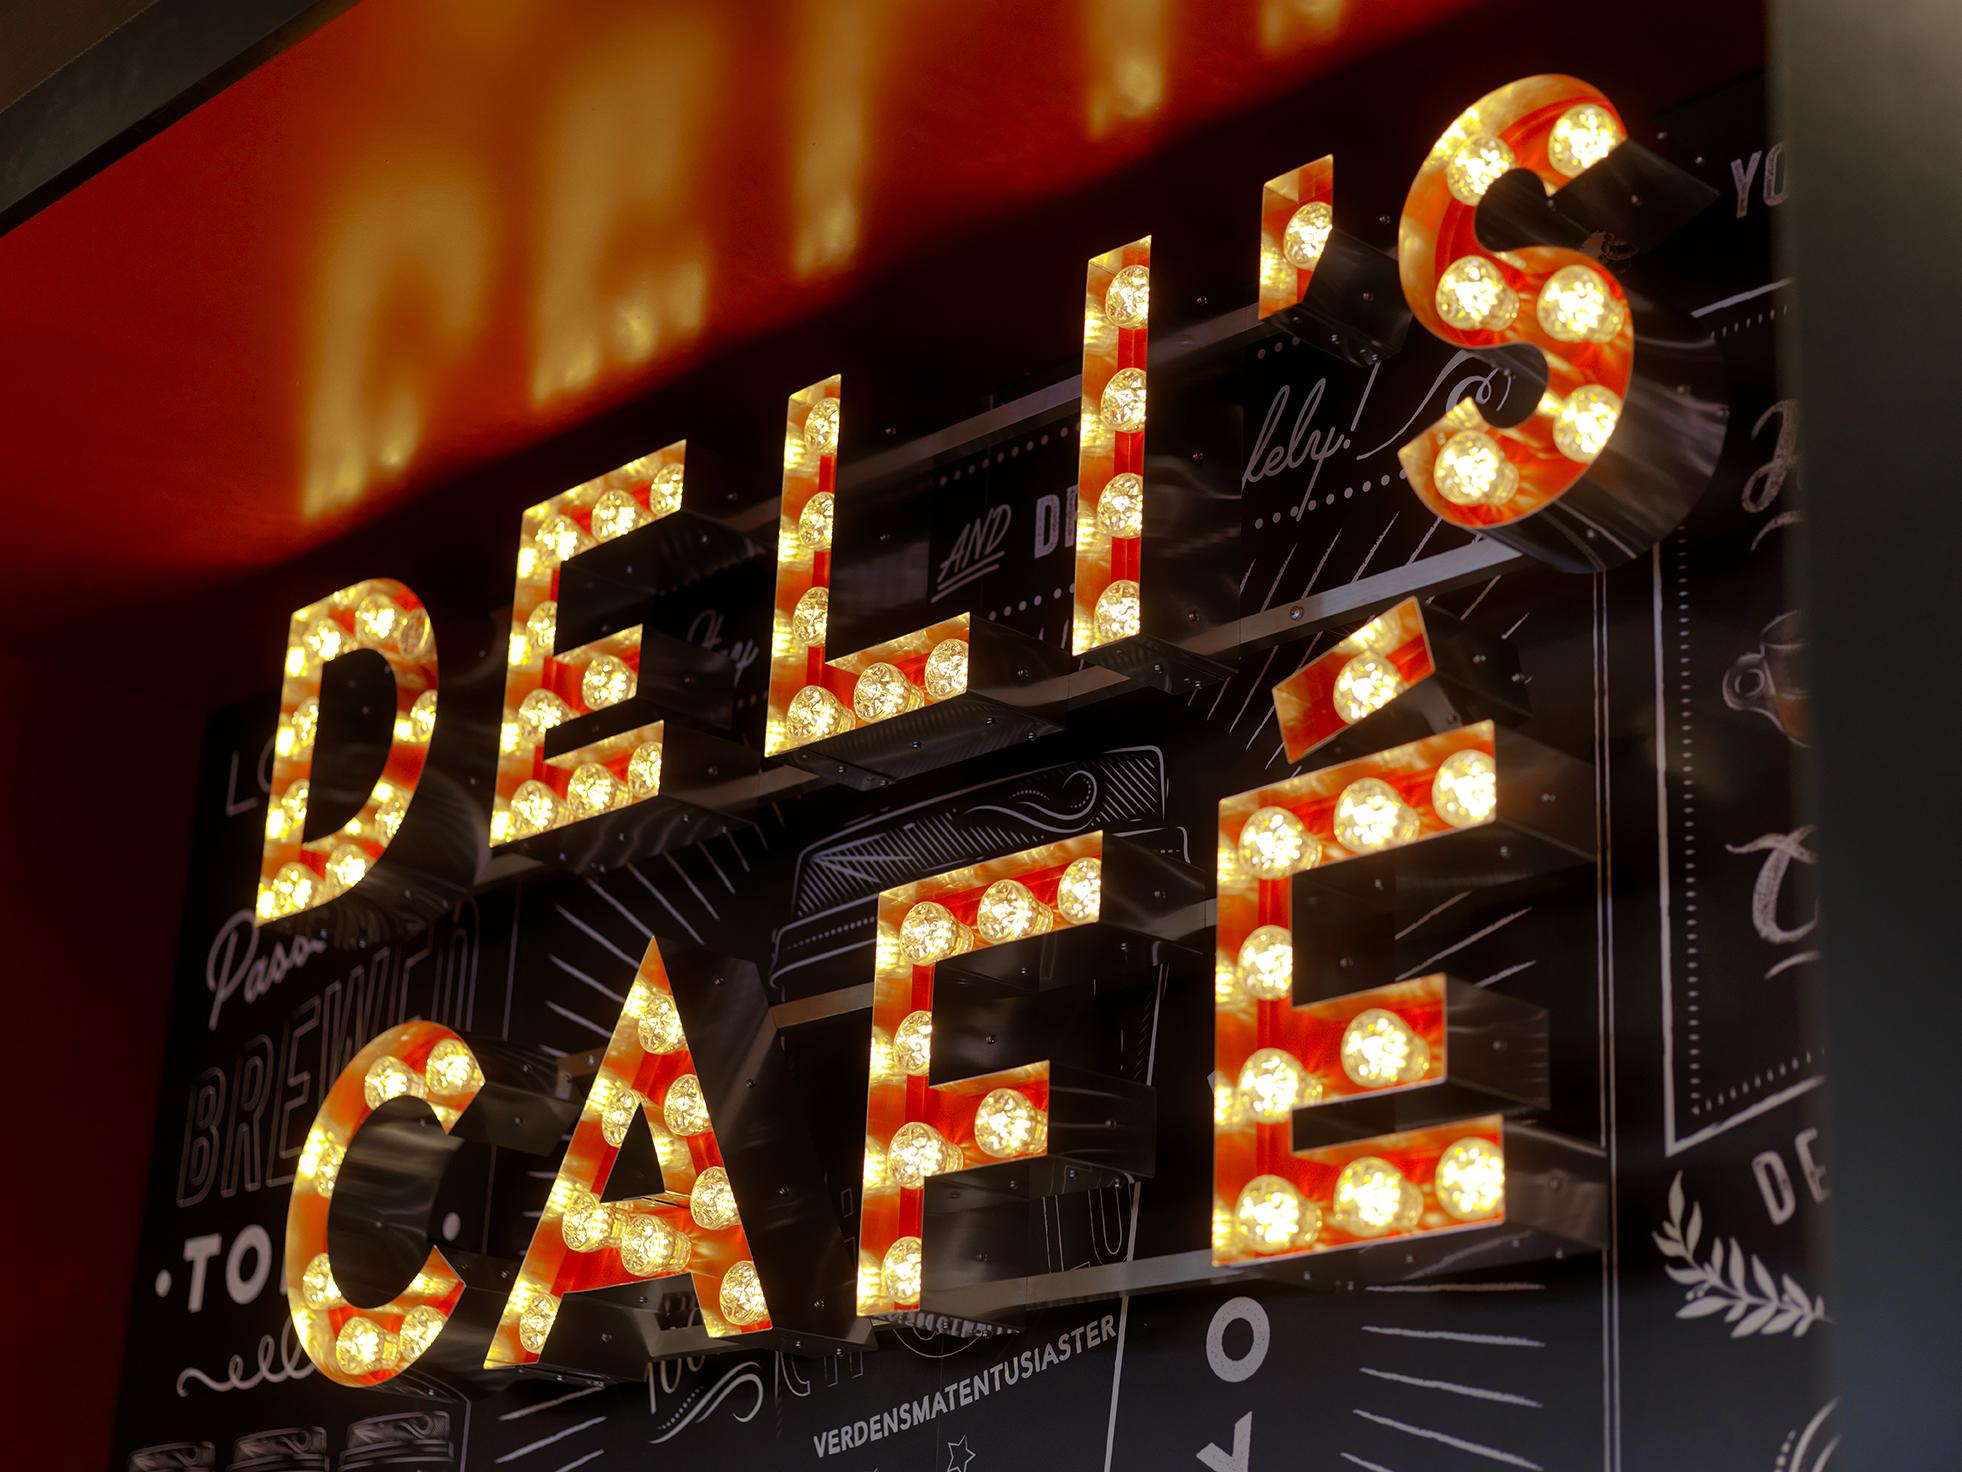 DDL_Esso_Delis_Caffe.png